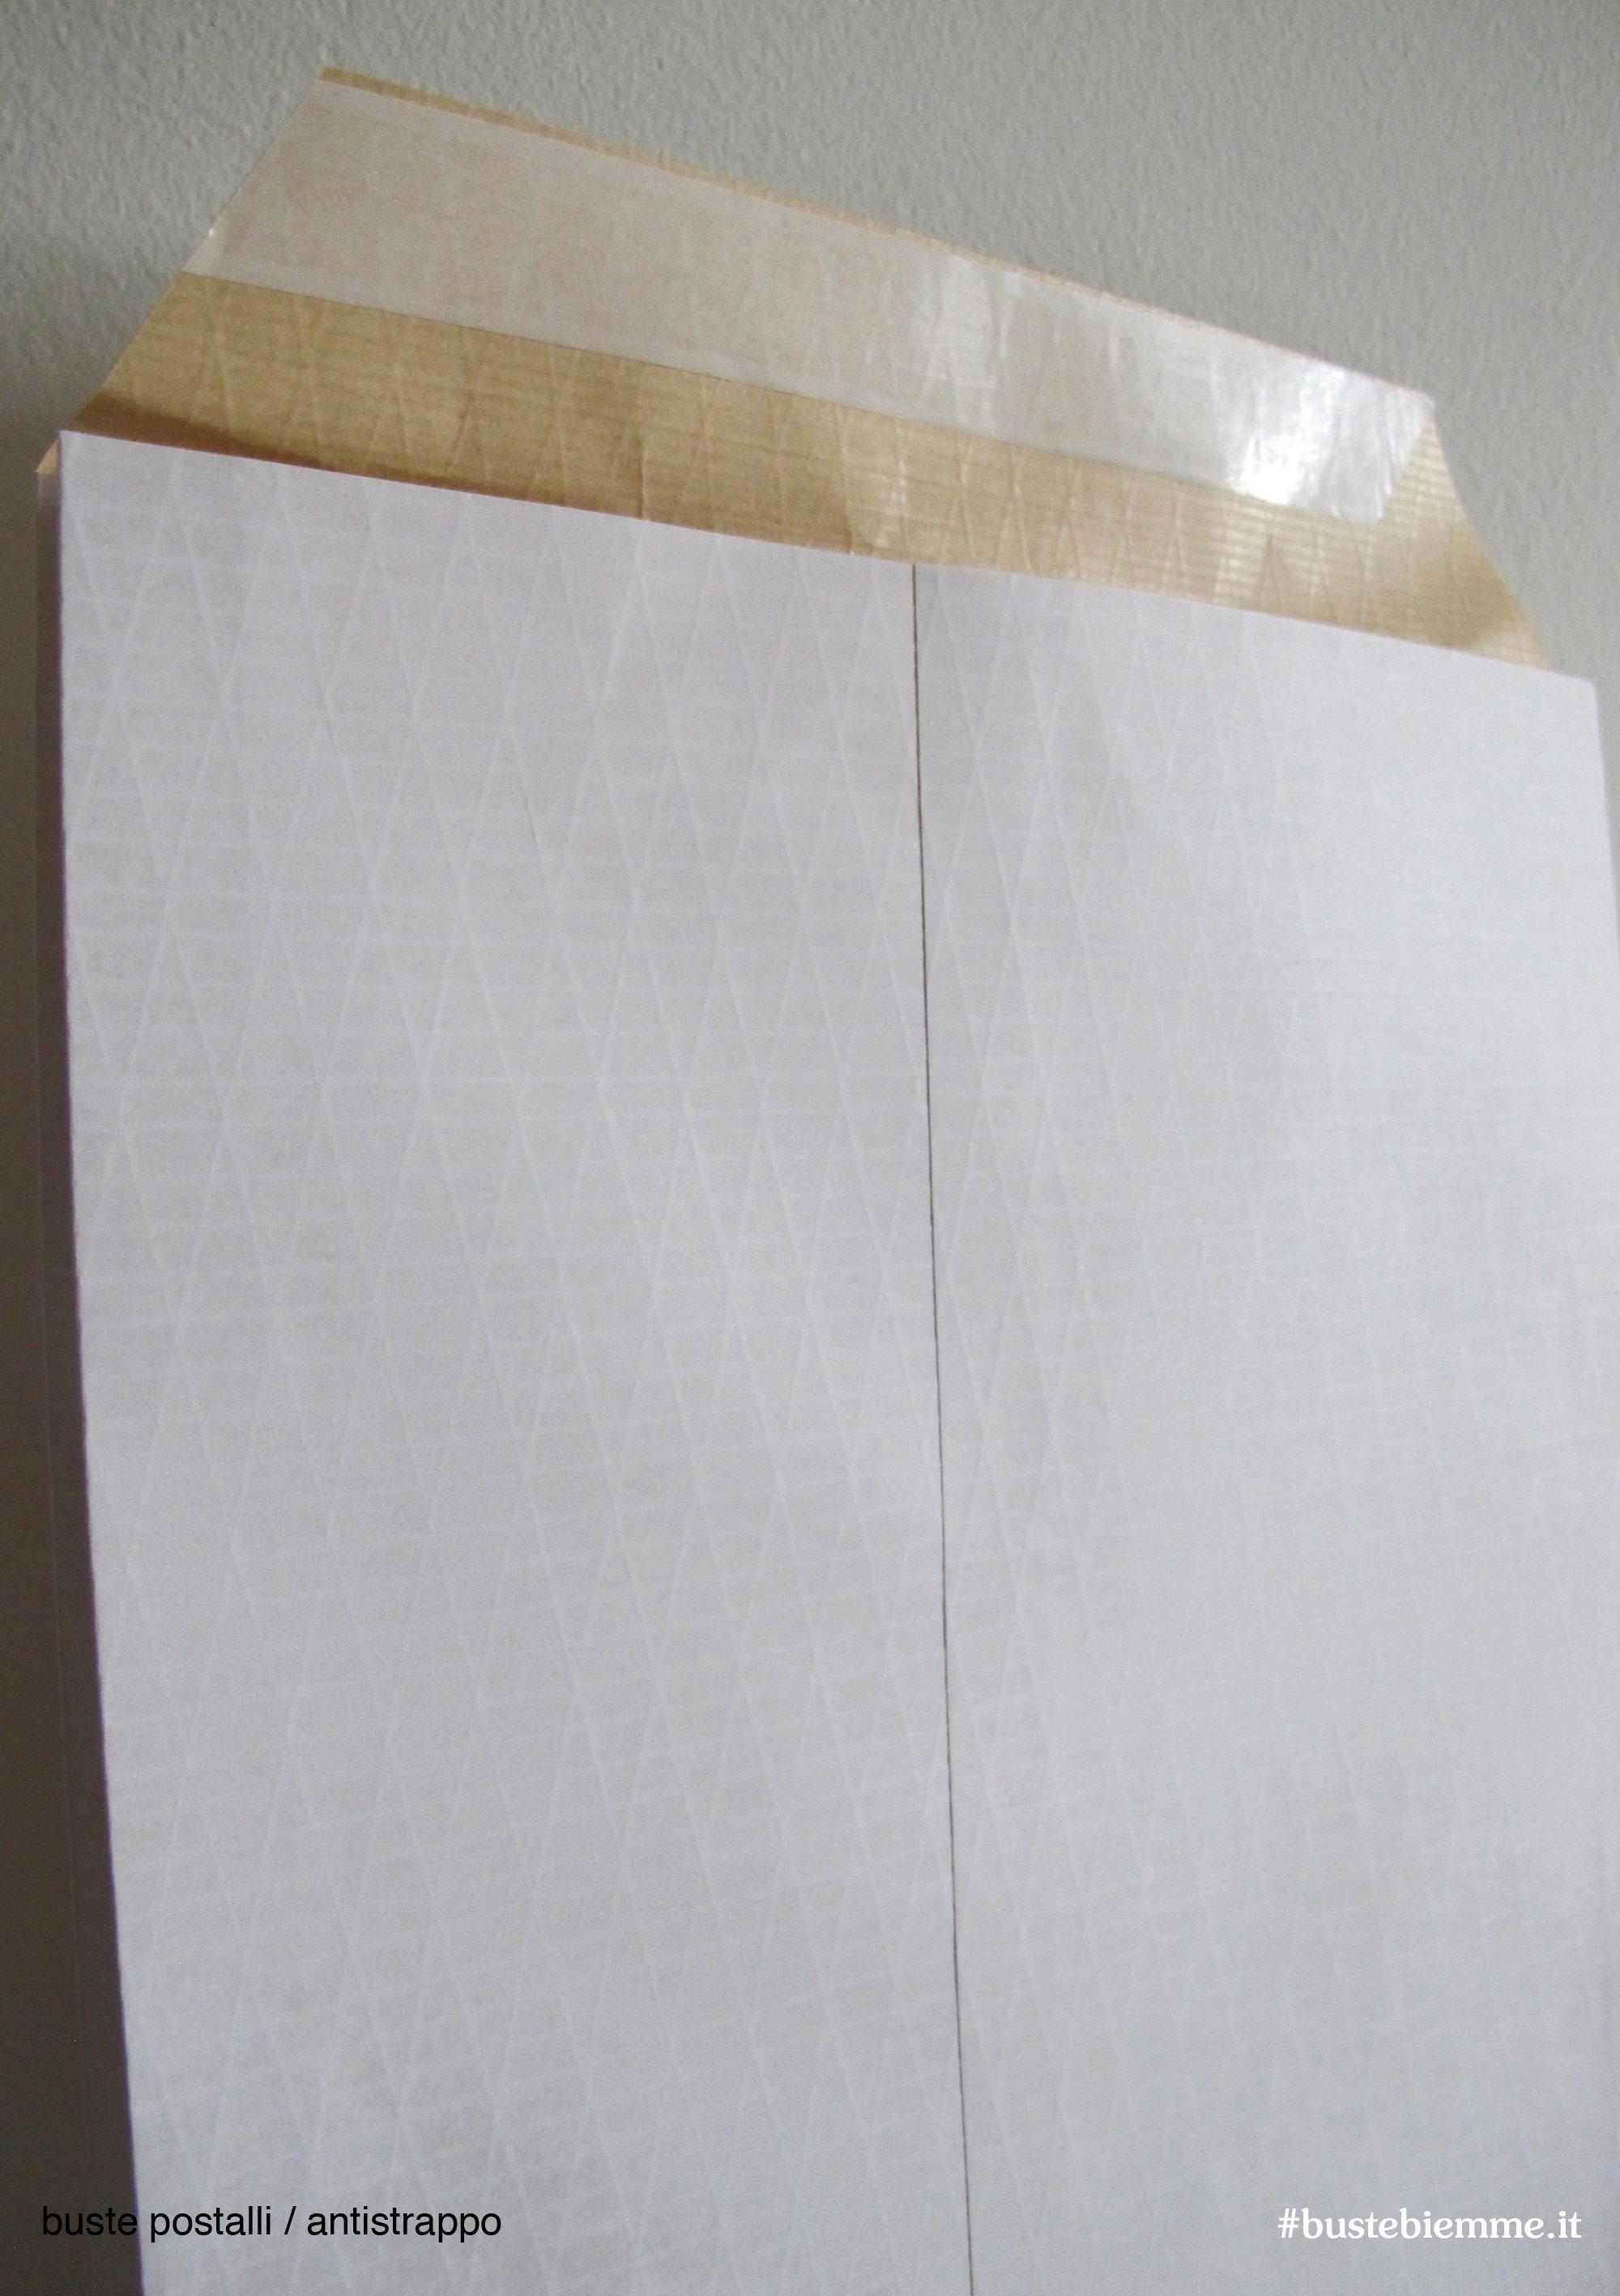 busta antistrapppo con soffietti laterali e trame di nylon